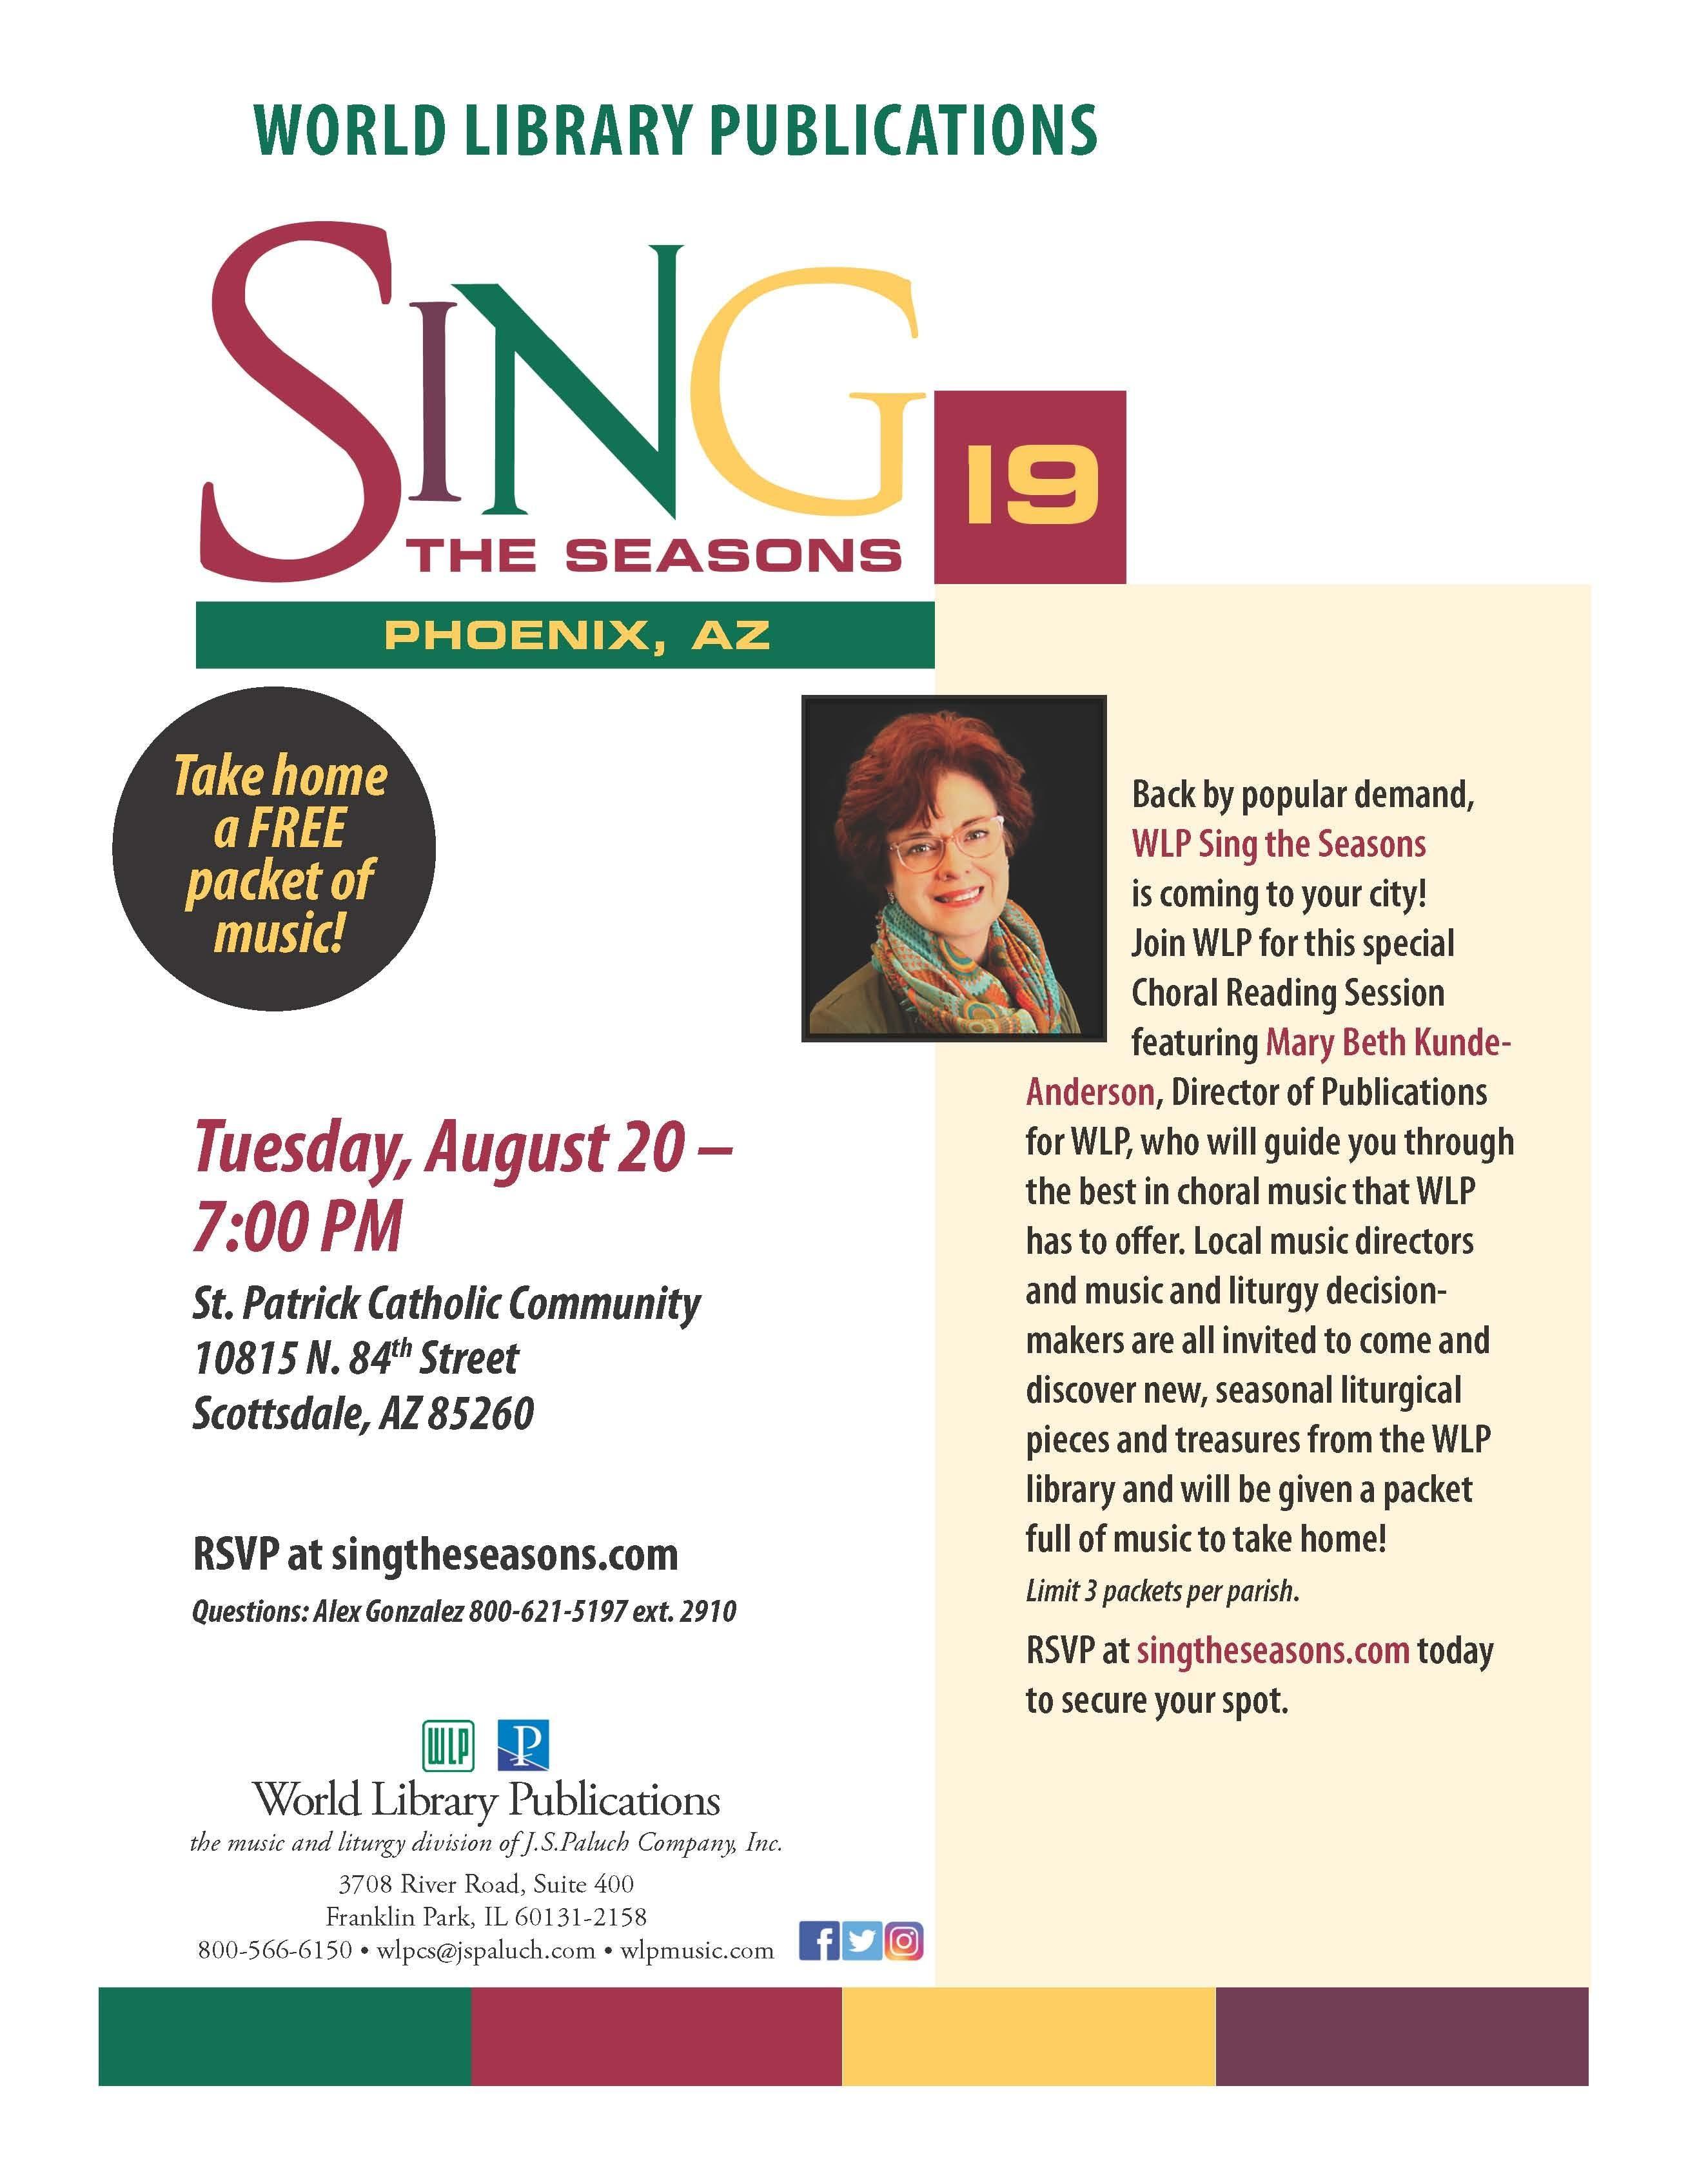 SING THE SEASONS - PHOENIX, AZ